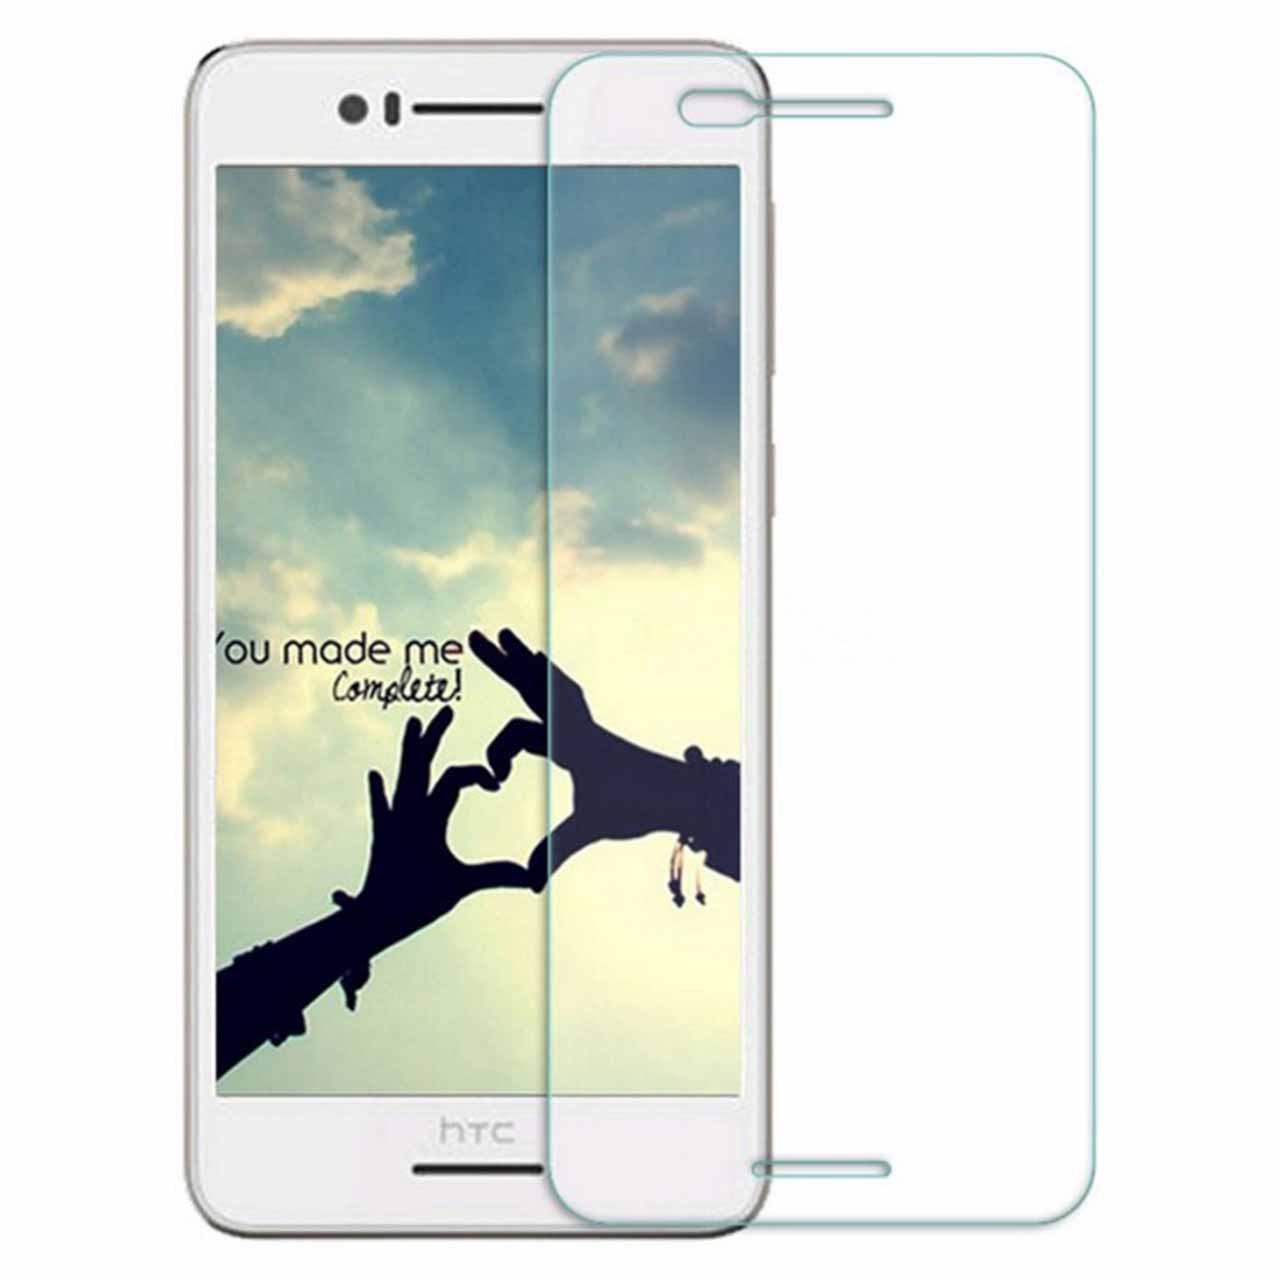 محافظ صفحه نمایش شیشه ای مدل 9H مناسب برای گوشی اچ تی سی Desire 728